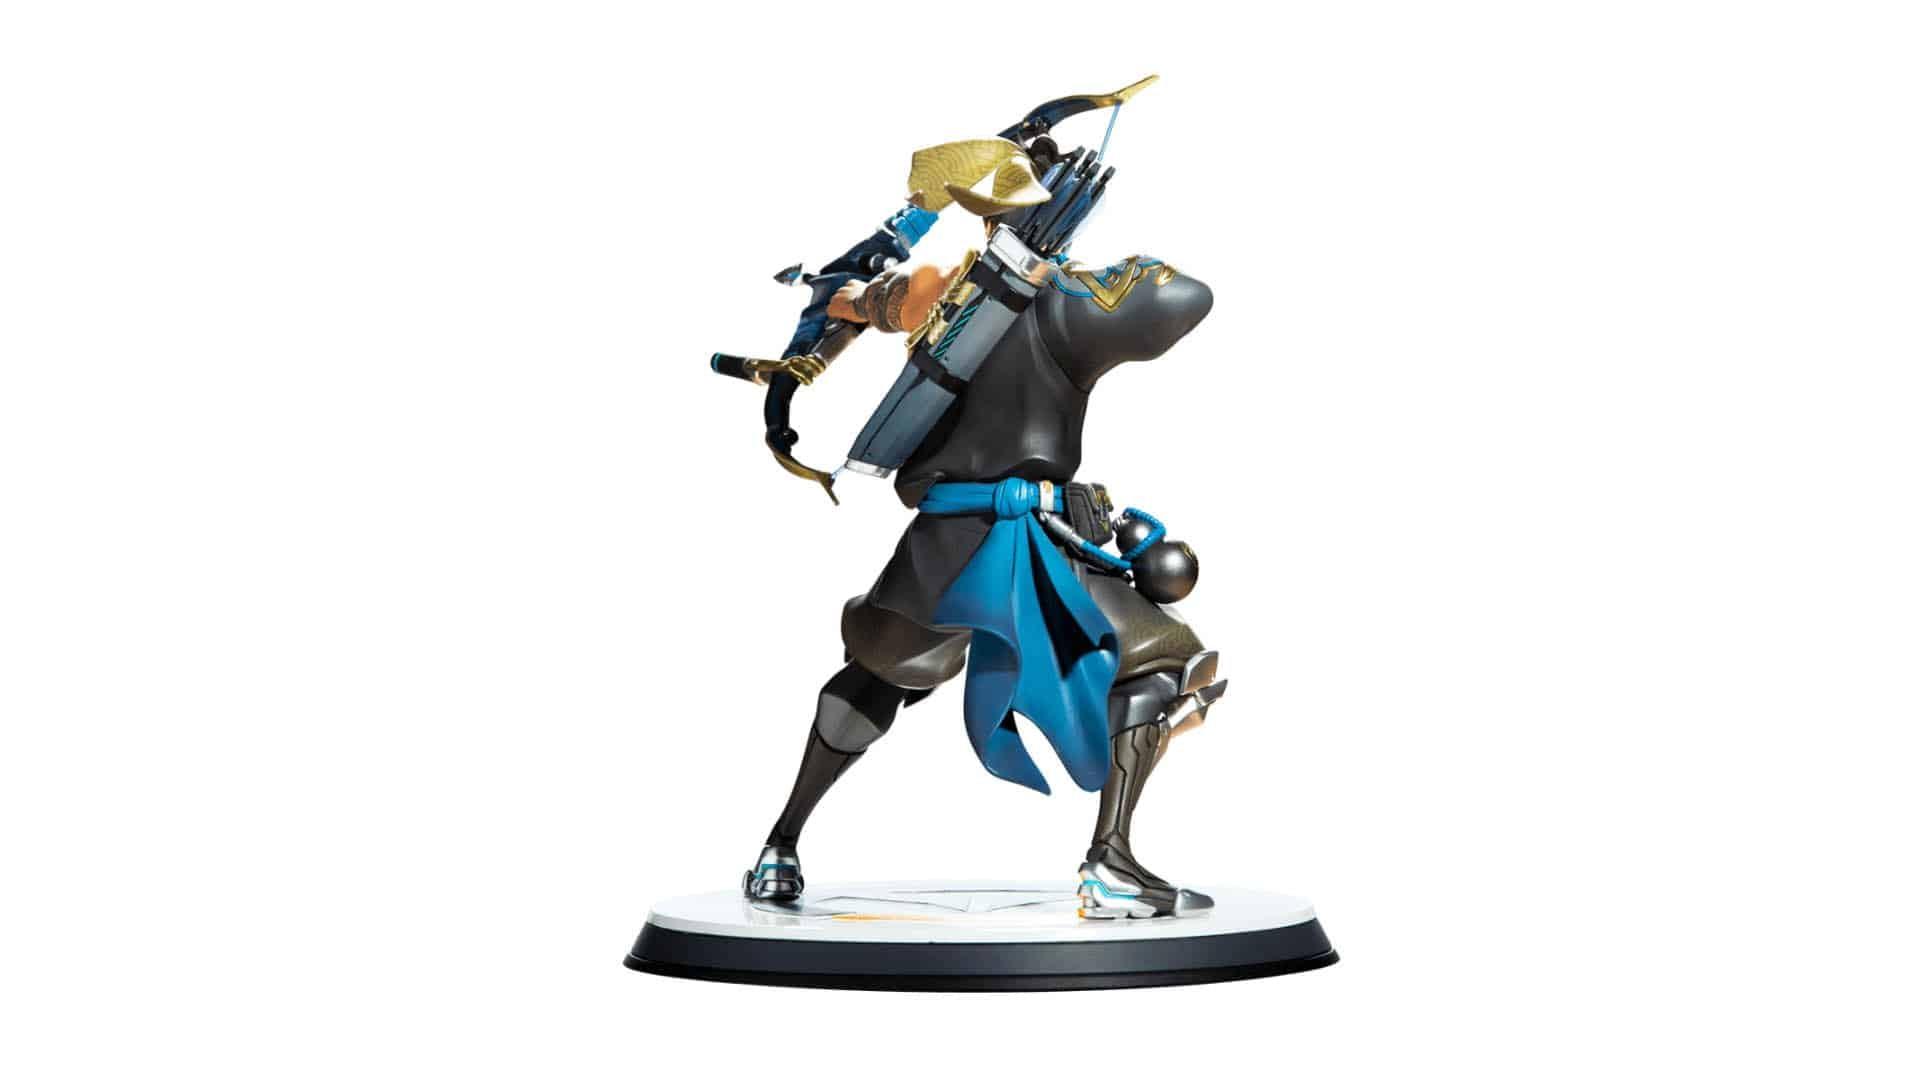 Blizzard Overwatch Hanzo Statue 5